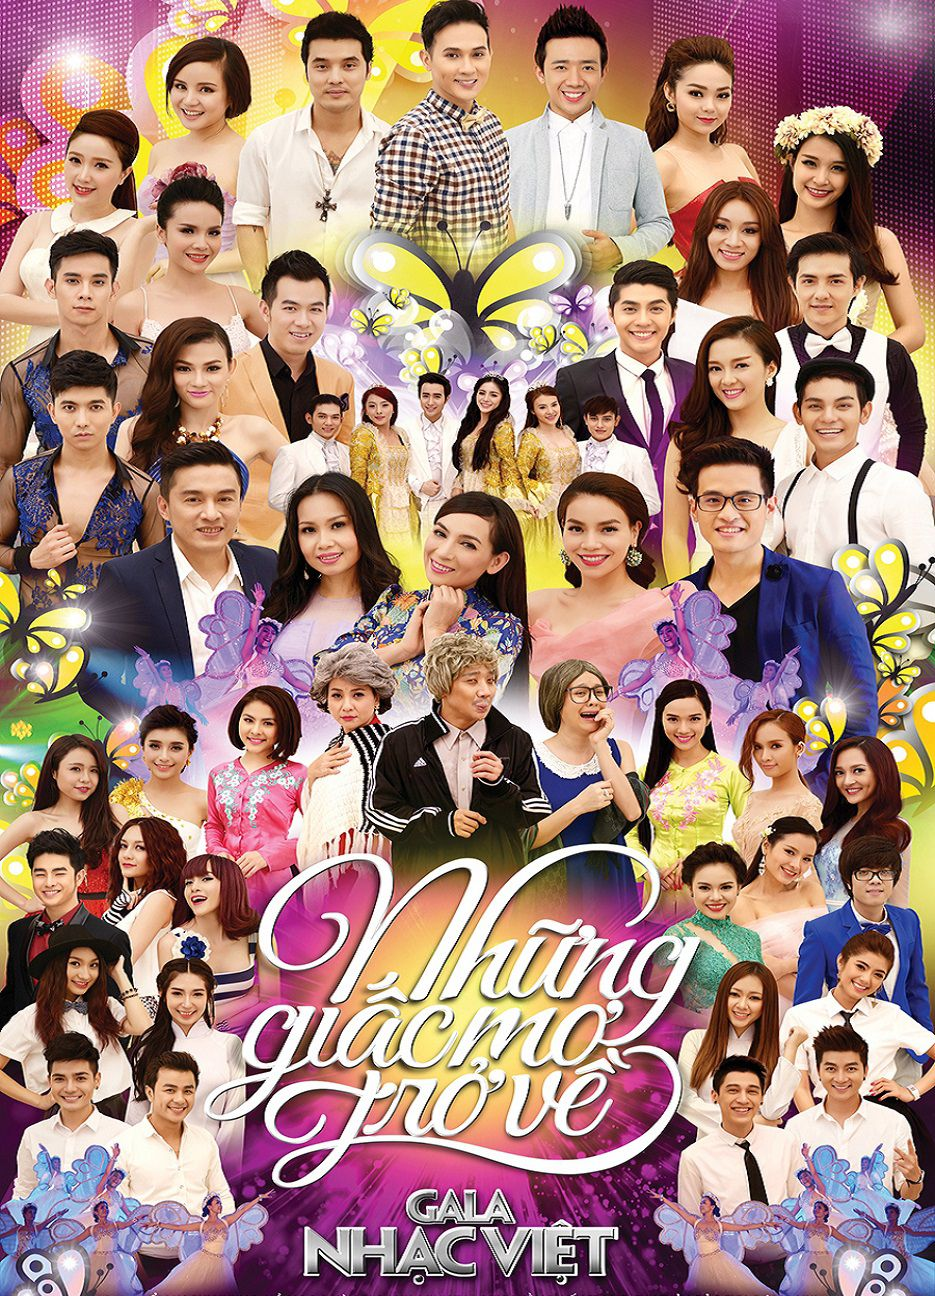 Gala Nhạc Việt 4 – Những Giấc Mơ Về